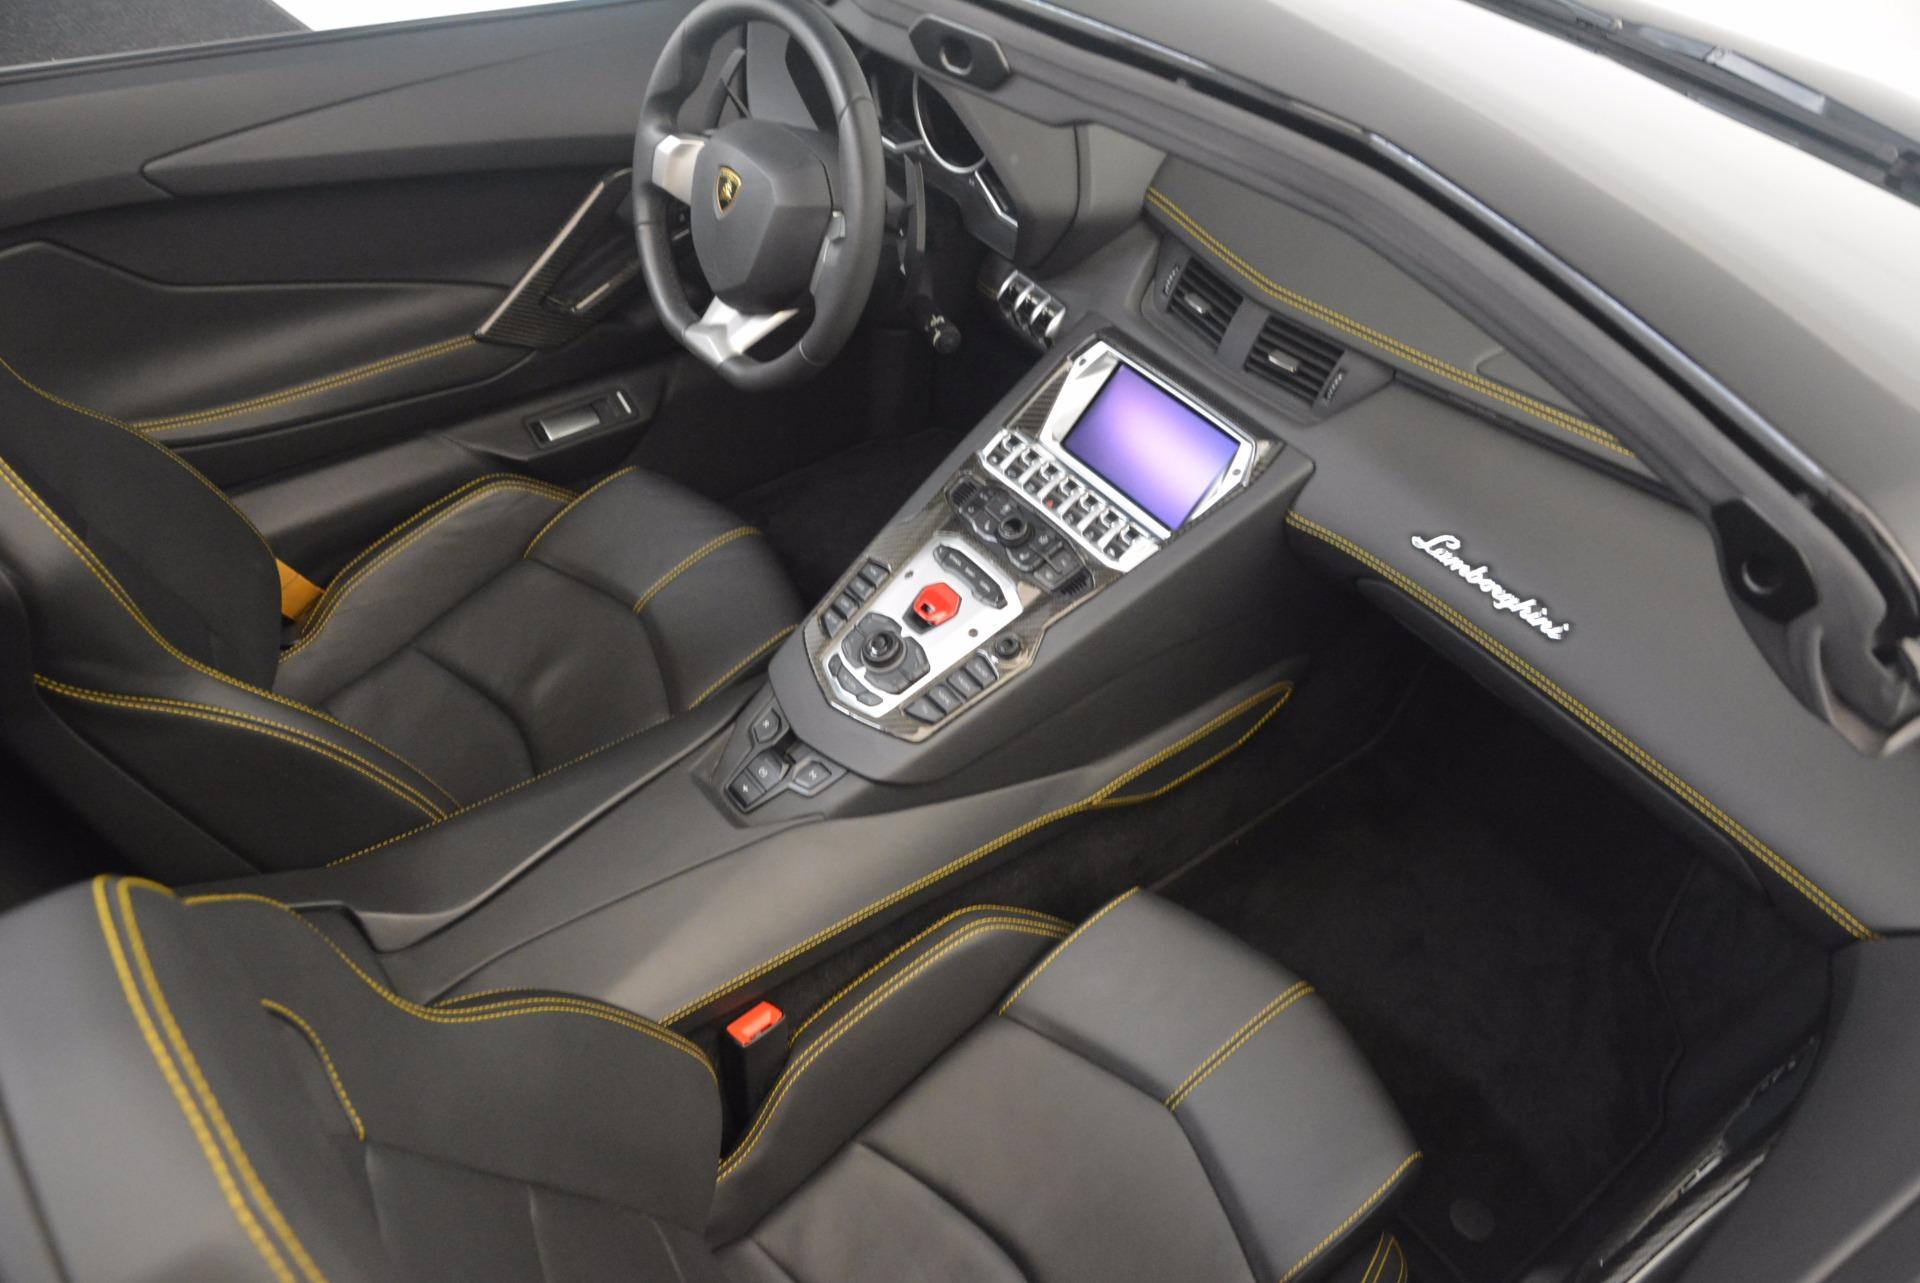 Used 2015 Lamborghini Aventador LP 700-4 For Sale In Greenwich, CT 1217_p27